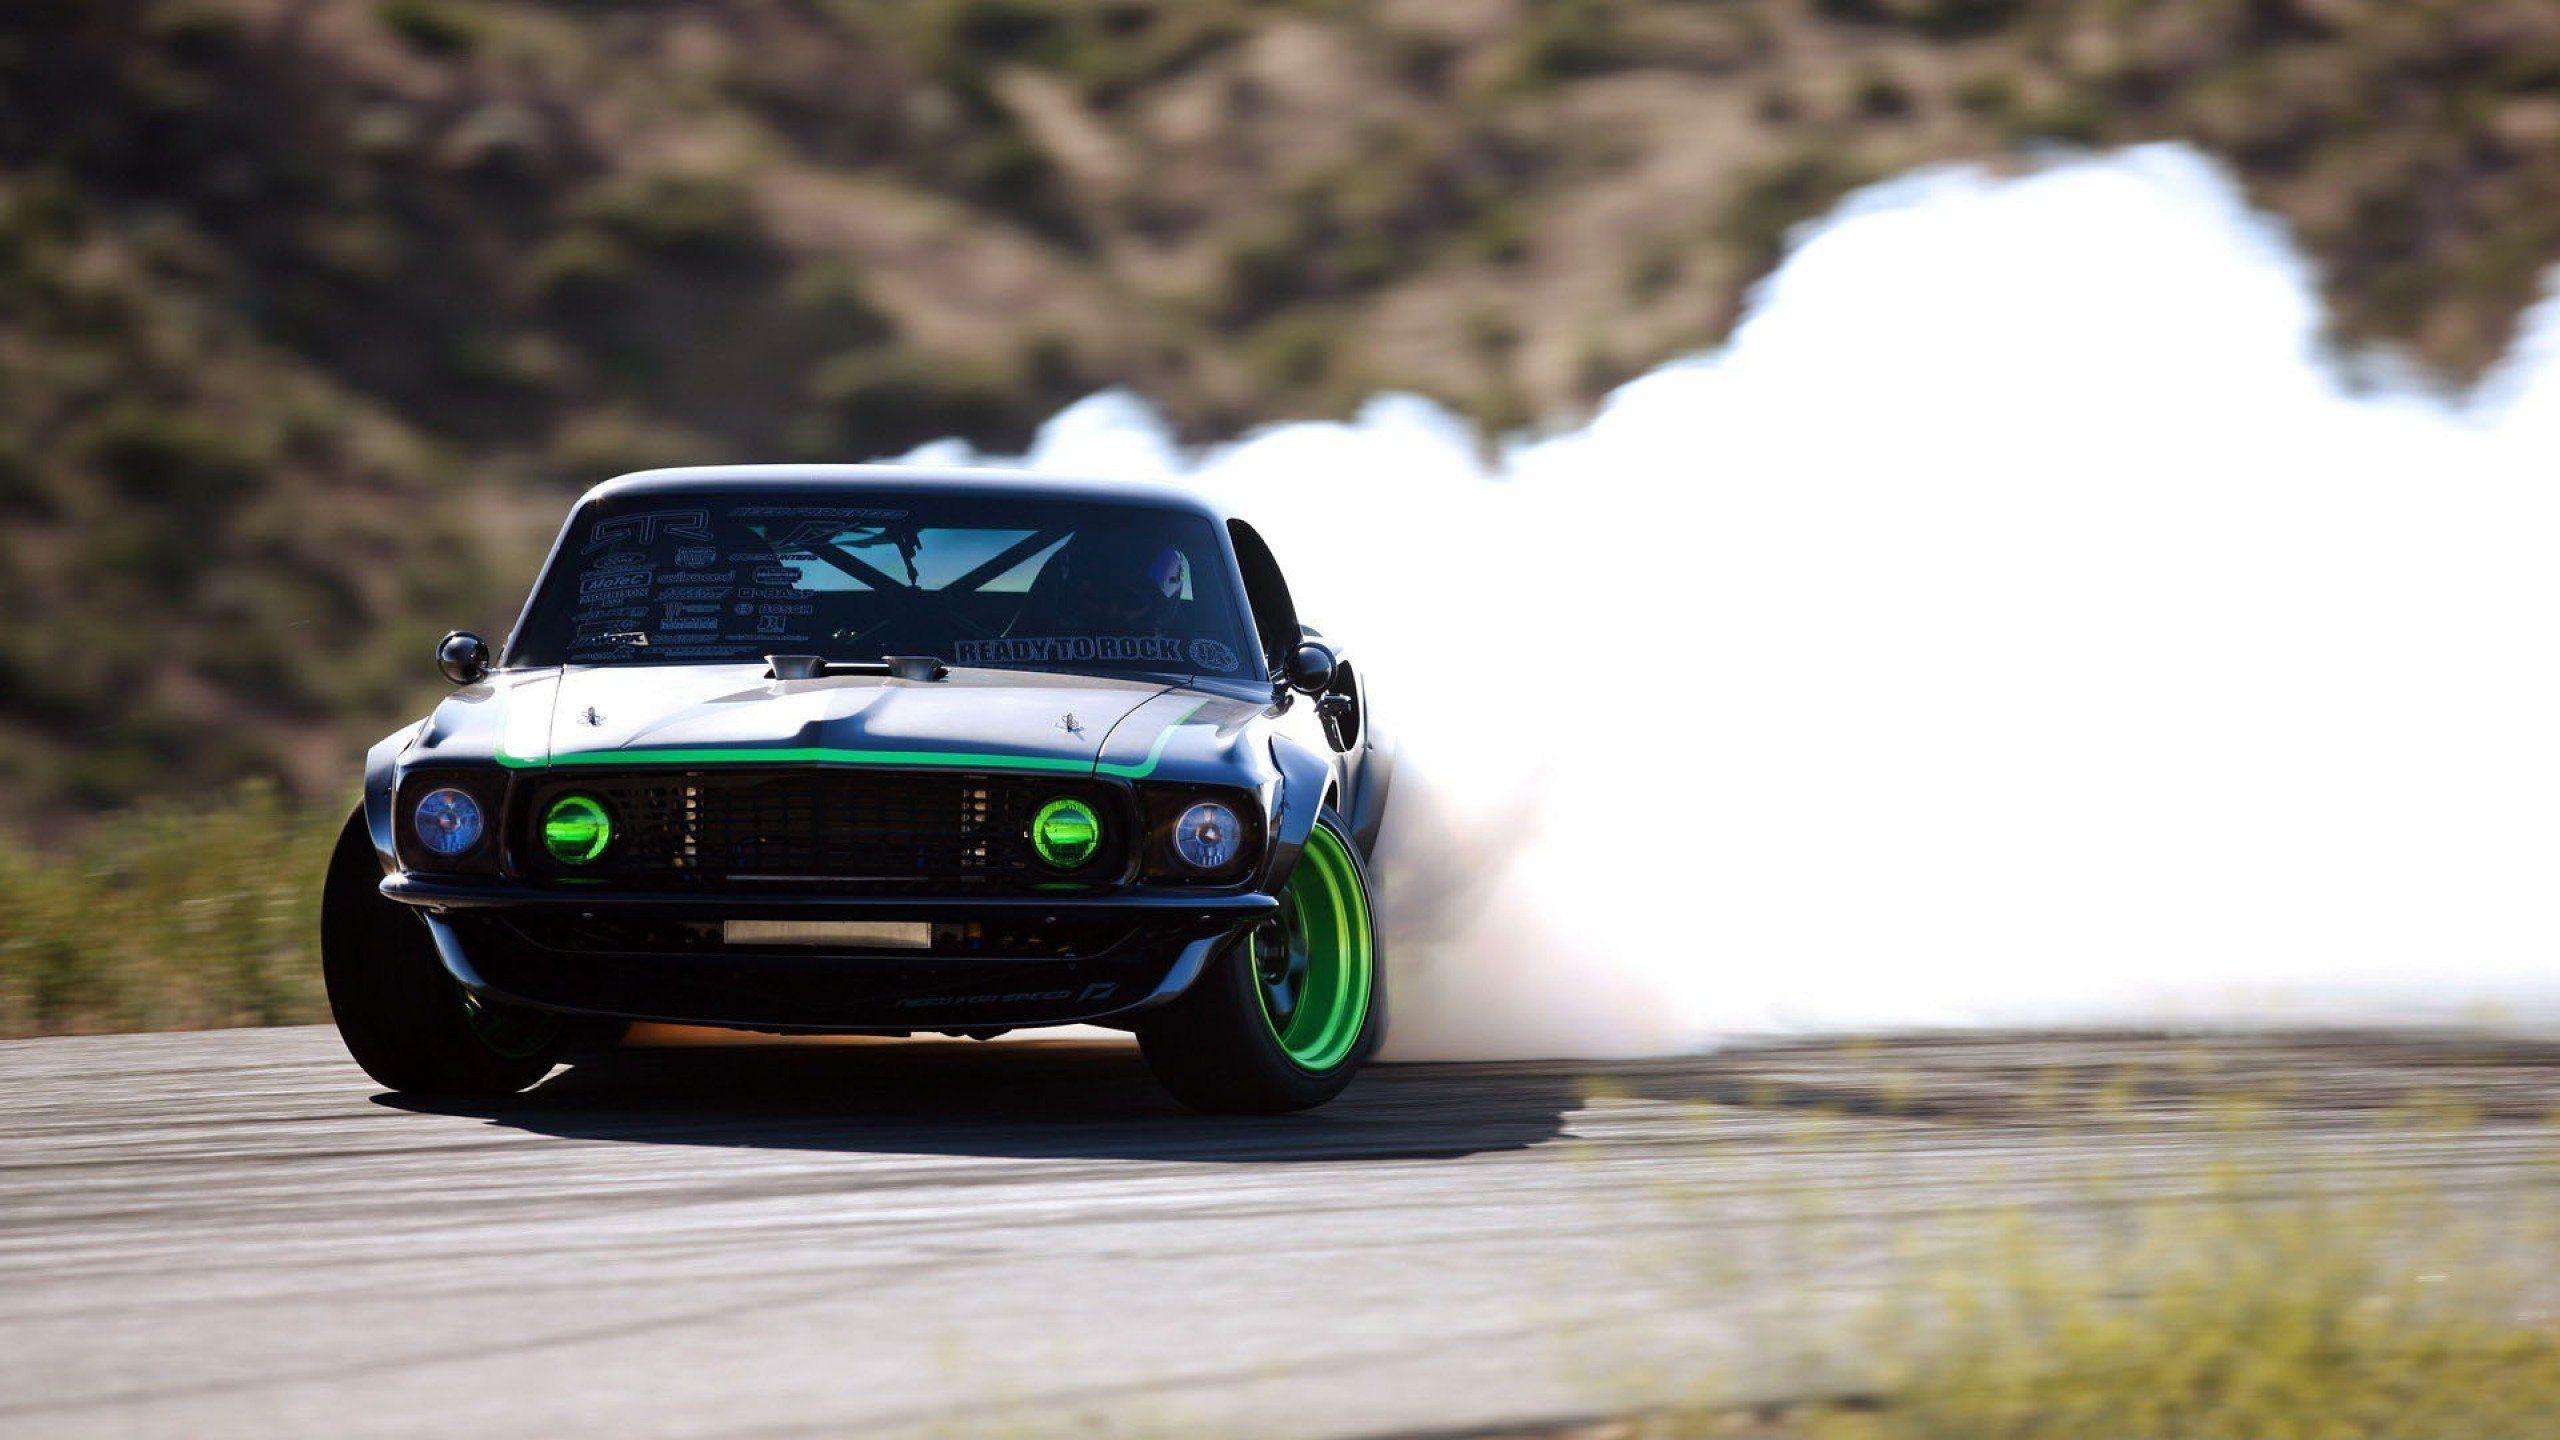 Drift Wallpaper Hd Wallpaper Drift Cars Drifting Cars Car Wallpapers